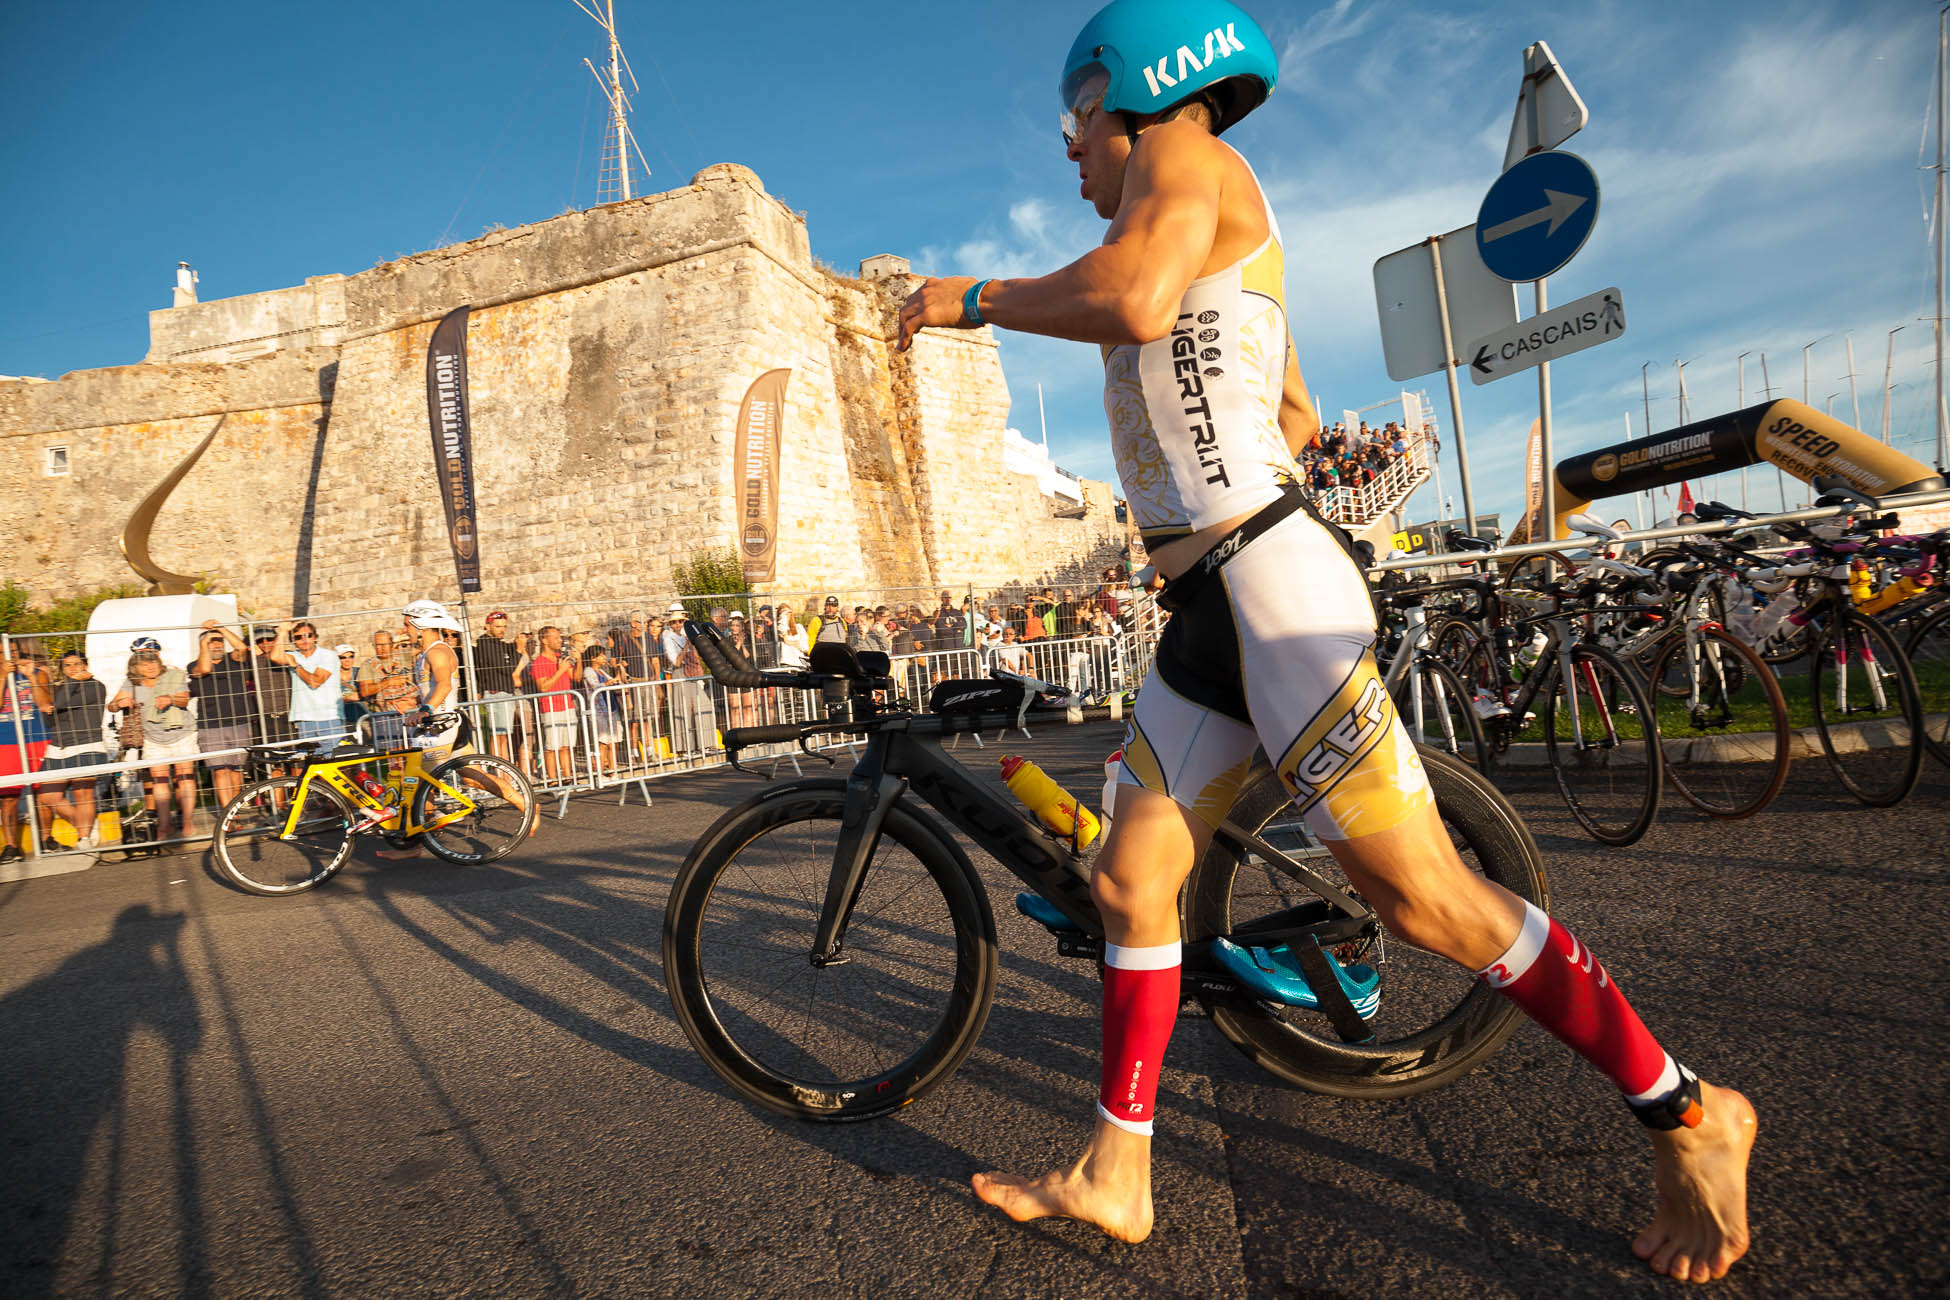 ironman-triatlo-fitness-lifestyle-desporto-atleta-fotografia-011.jpg